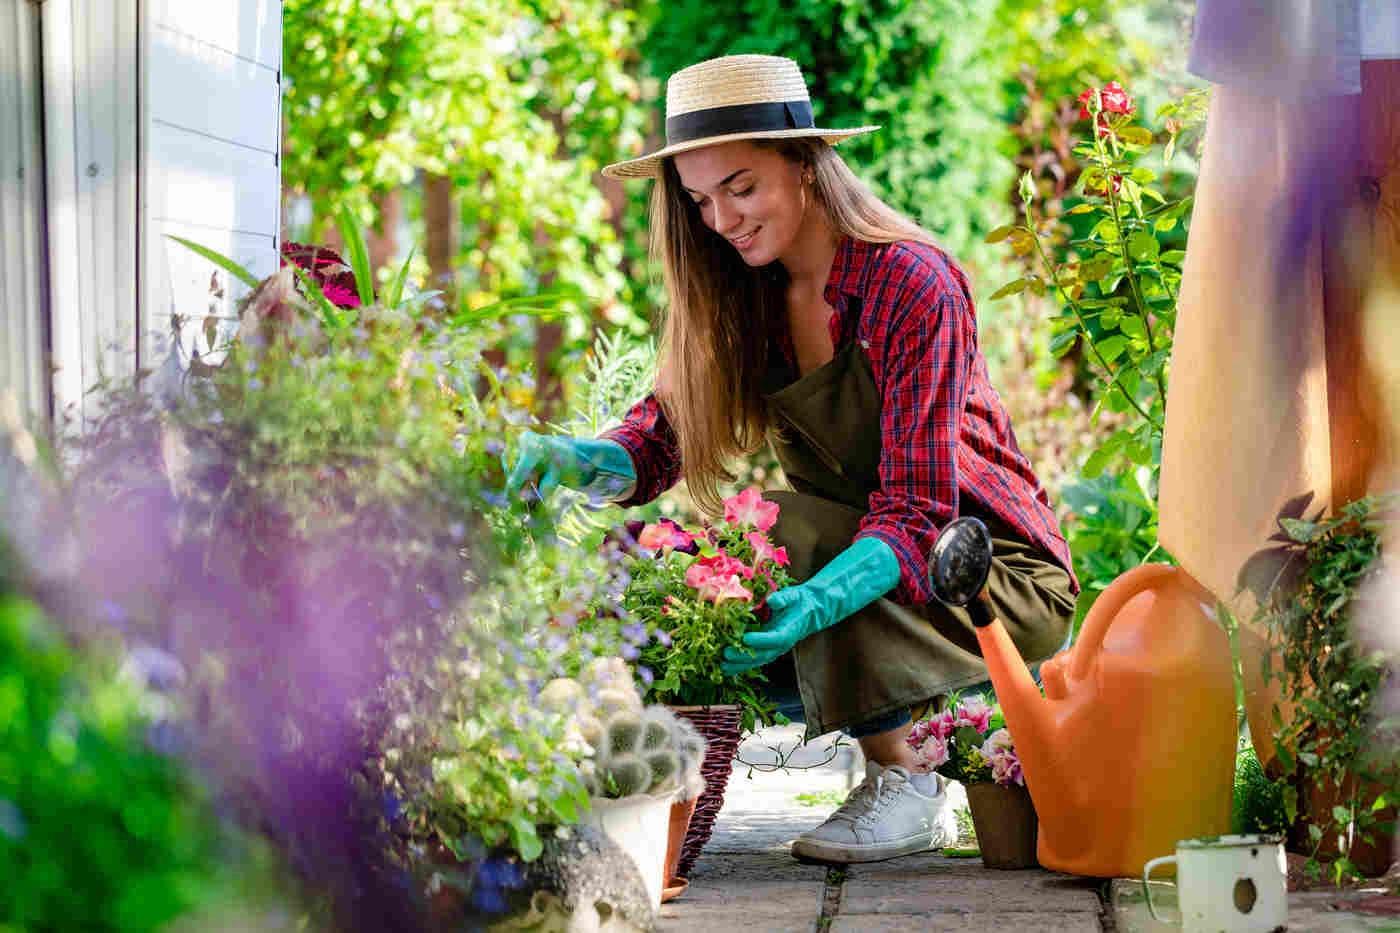 Grădinăritul poate îmbunătăți stima de sine [studiu]